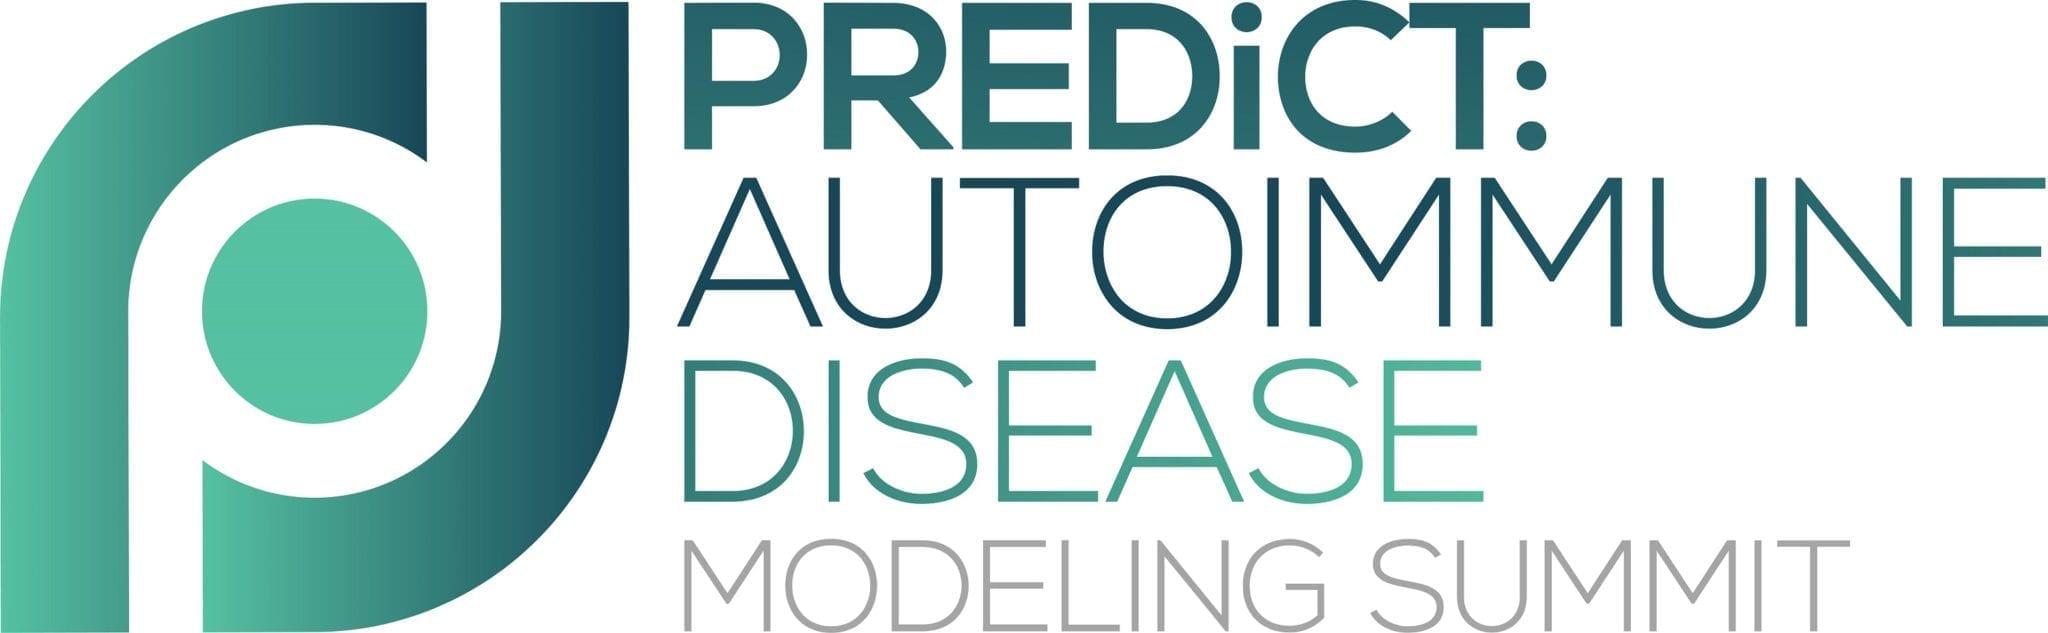 HW191031-PREDiCT-Autoimmune-Disease-Modelling-Summit-logo-FINAL